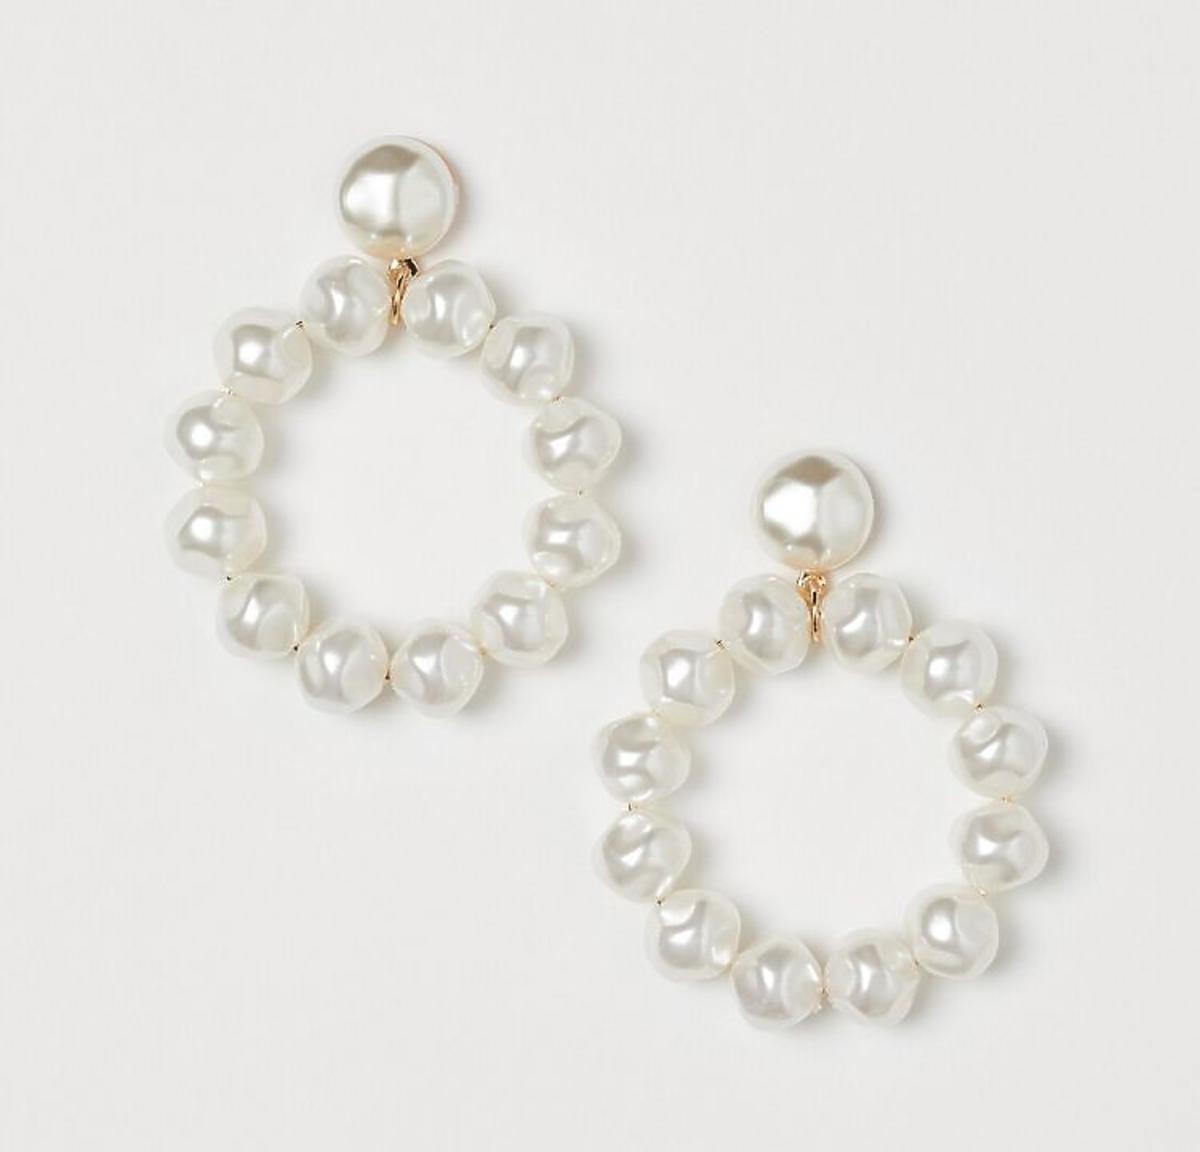 Kolczyki koła z perłami wyprzedaż H&M